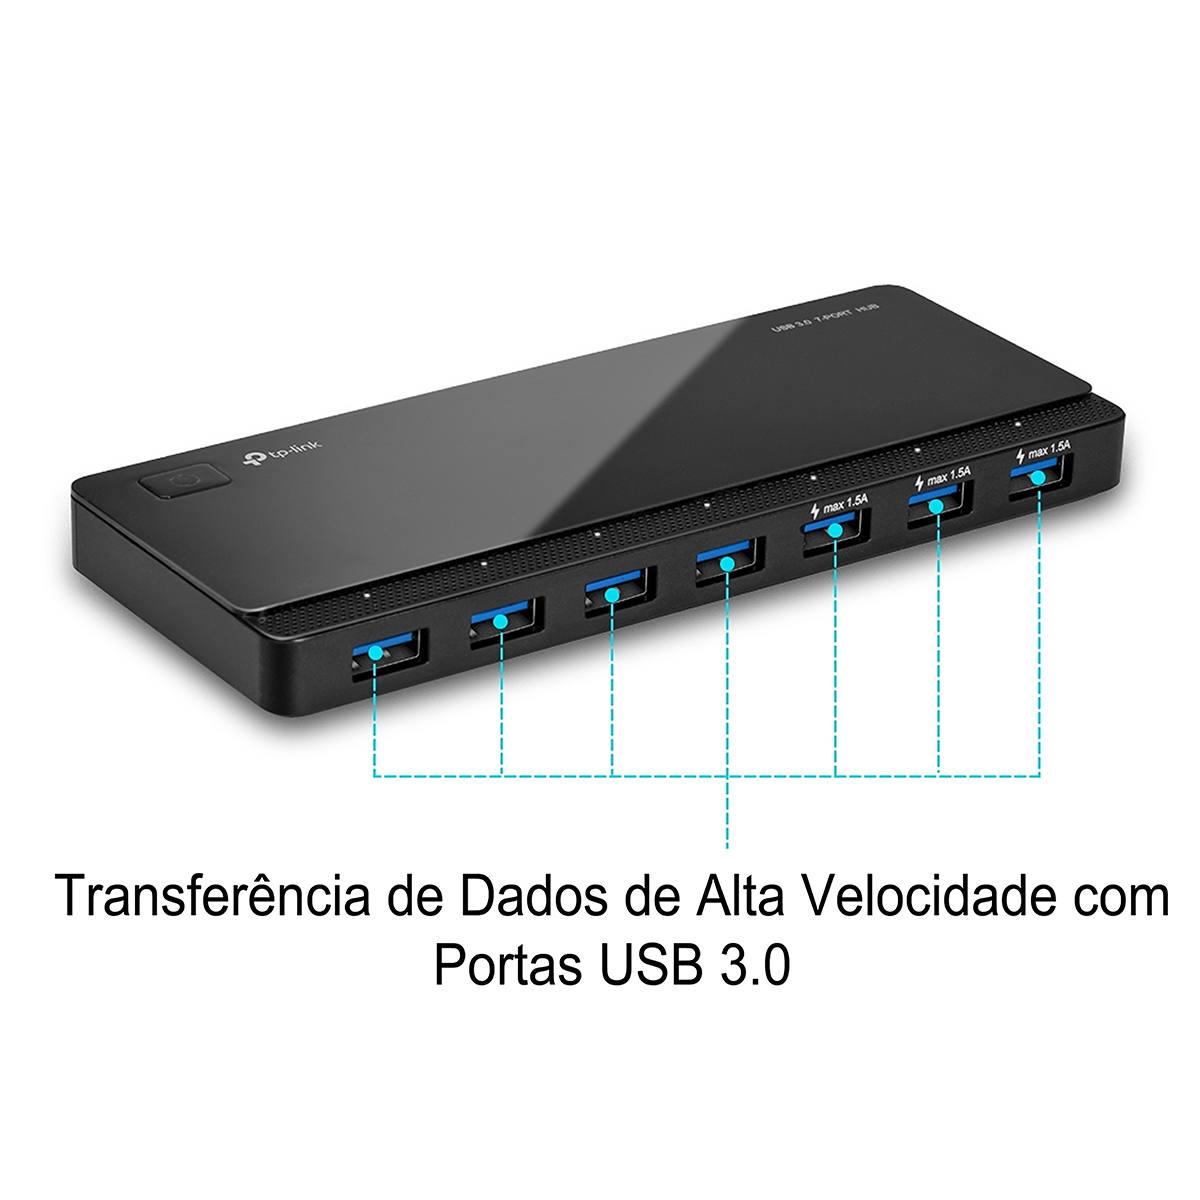 Hub USB 7 Portas USB 3.0 de Alta Velocidade com Fonte de Energia Externa TP-Link UH700